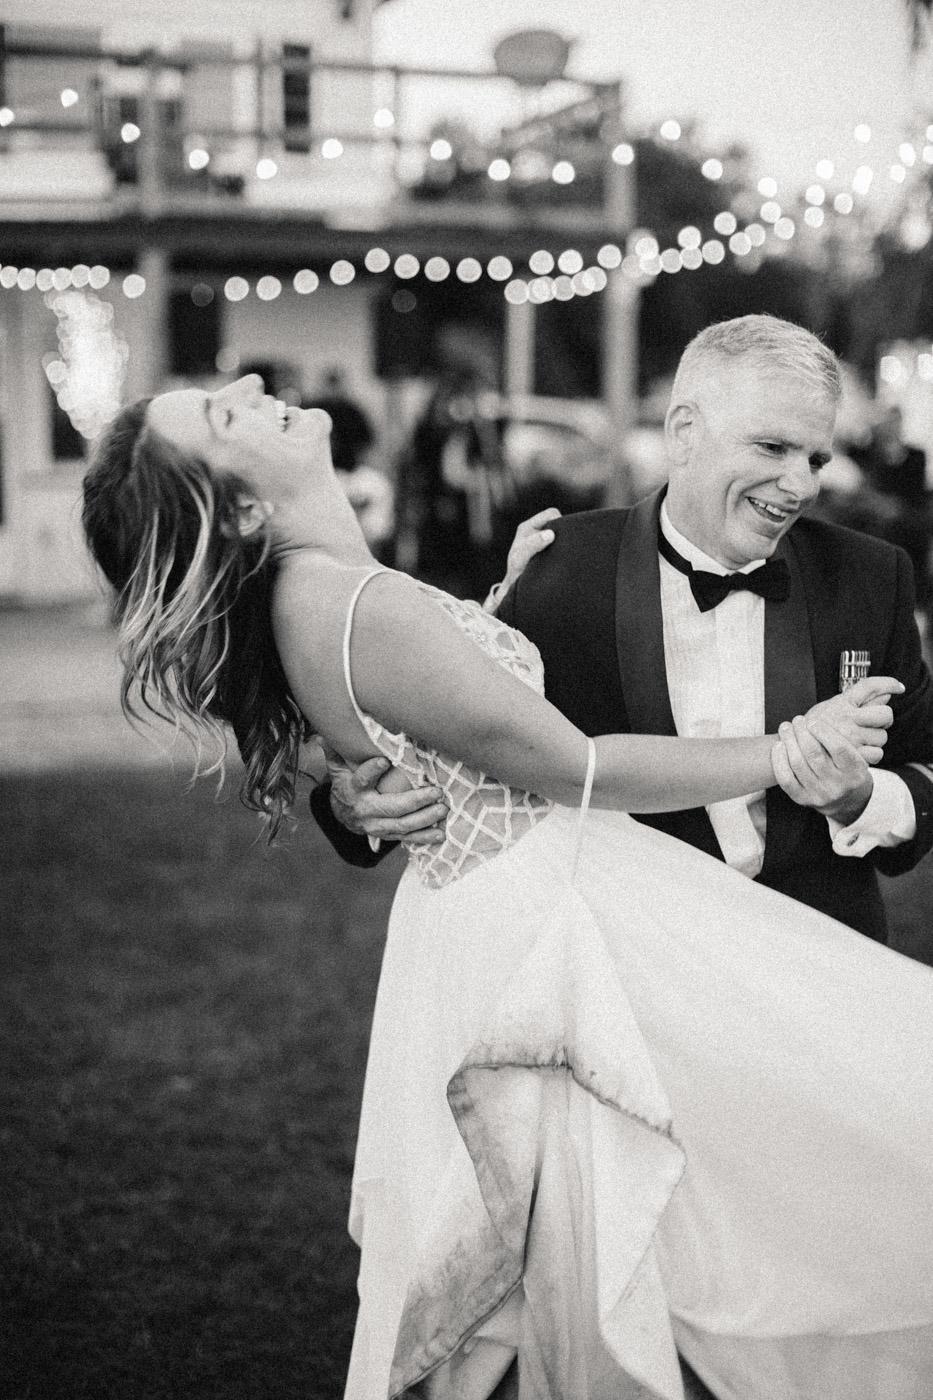 toronto_wedding_photographer_backyard_wedding-43.jpg